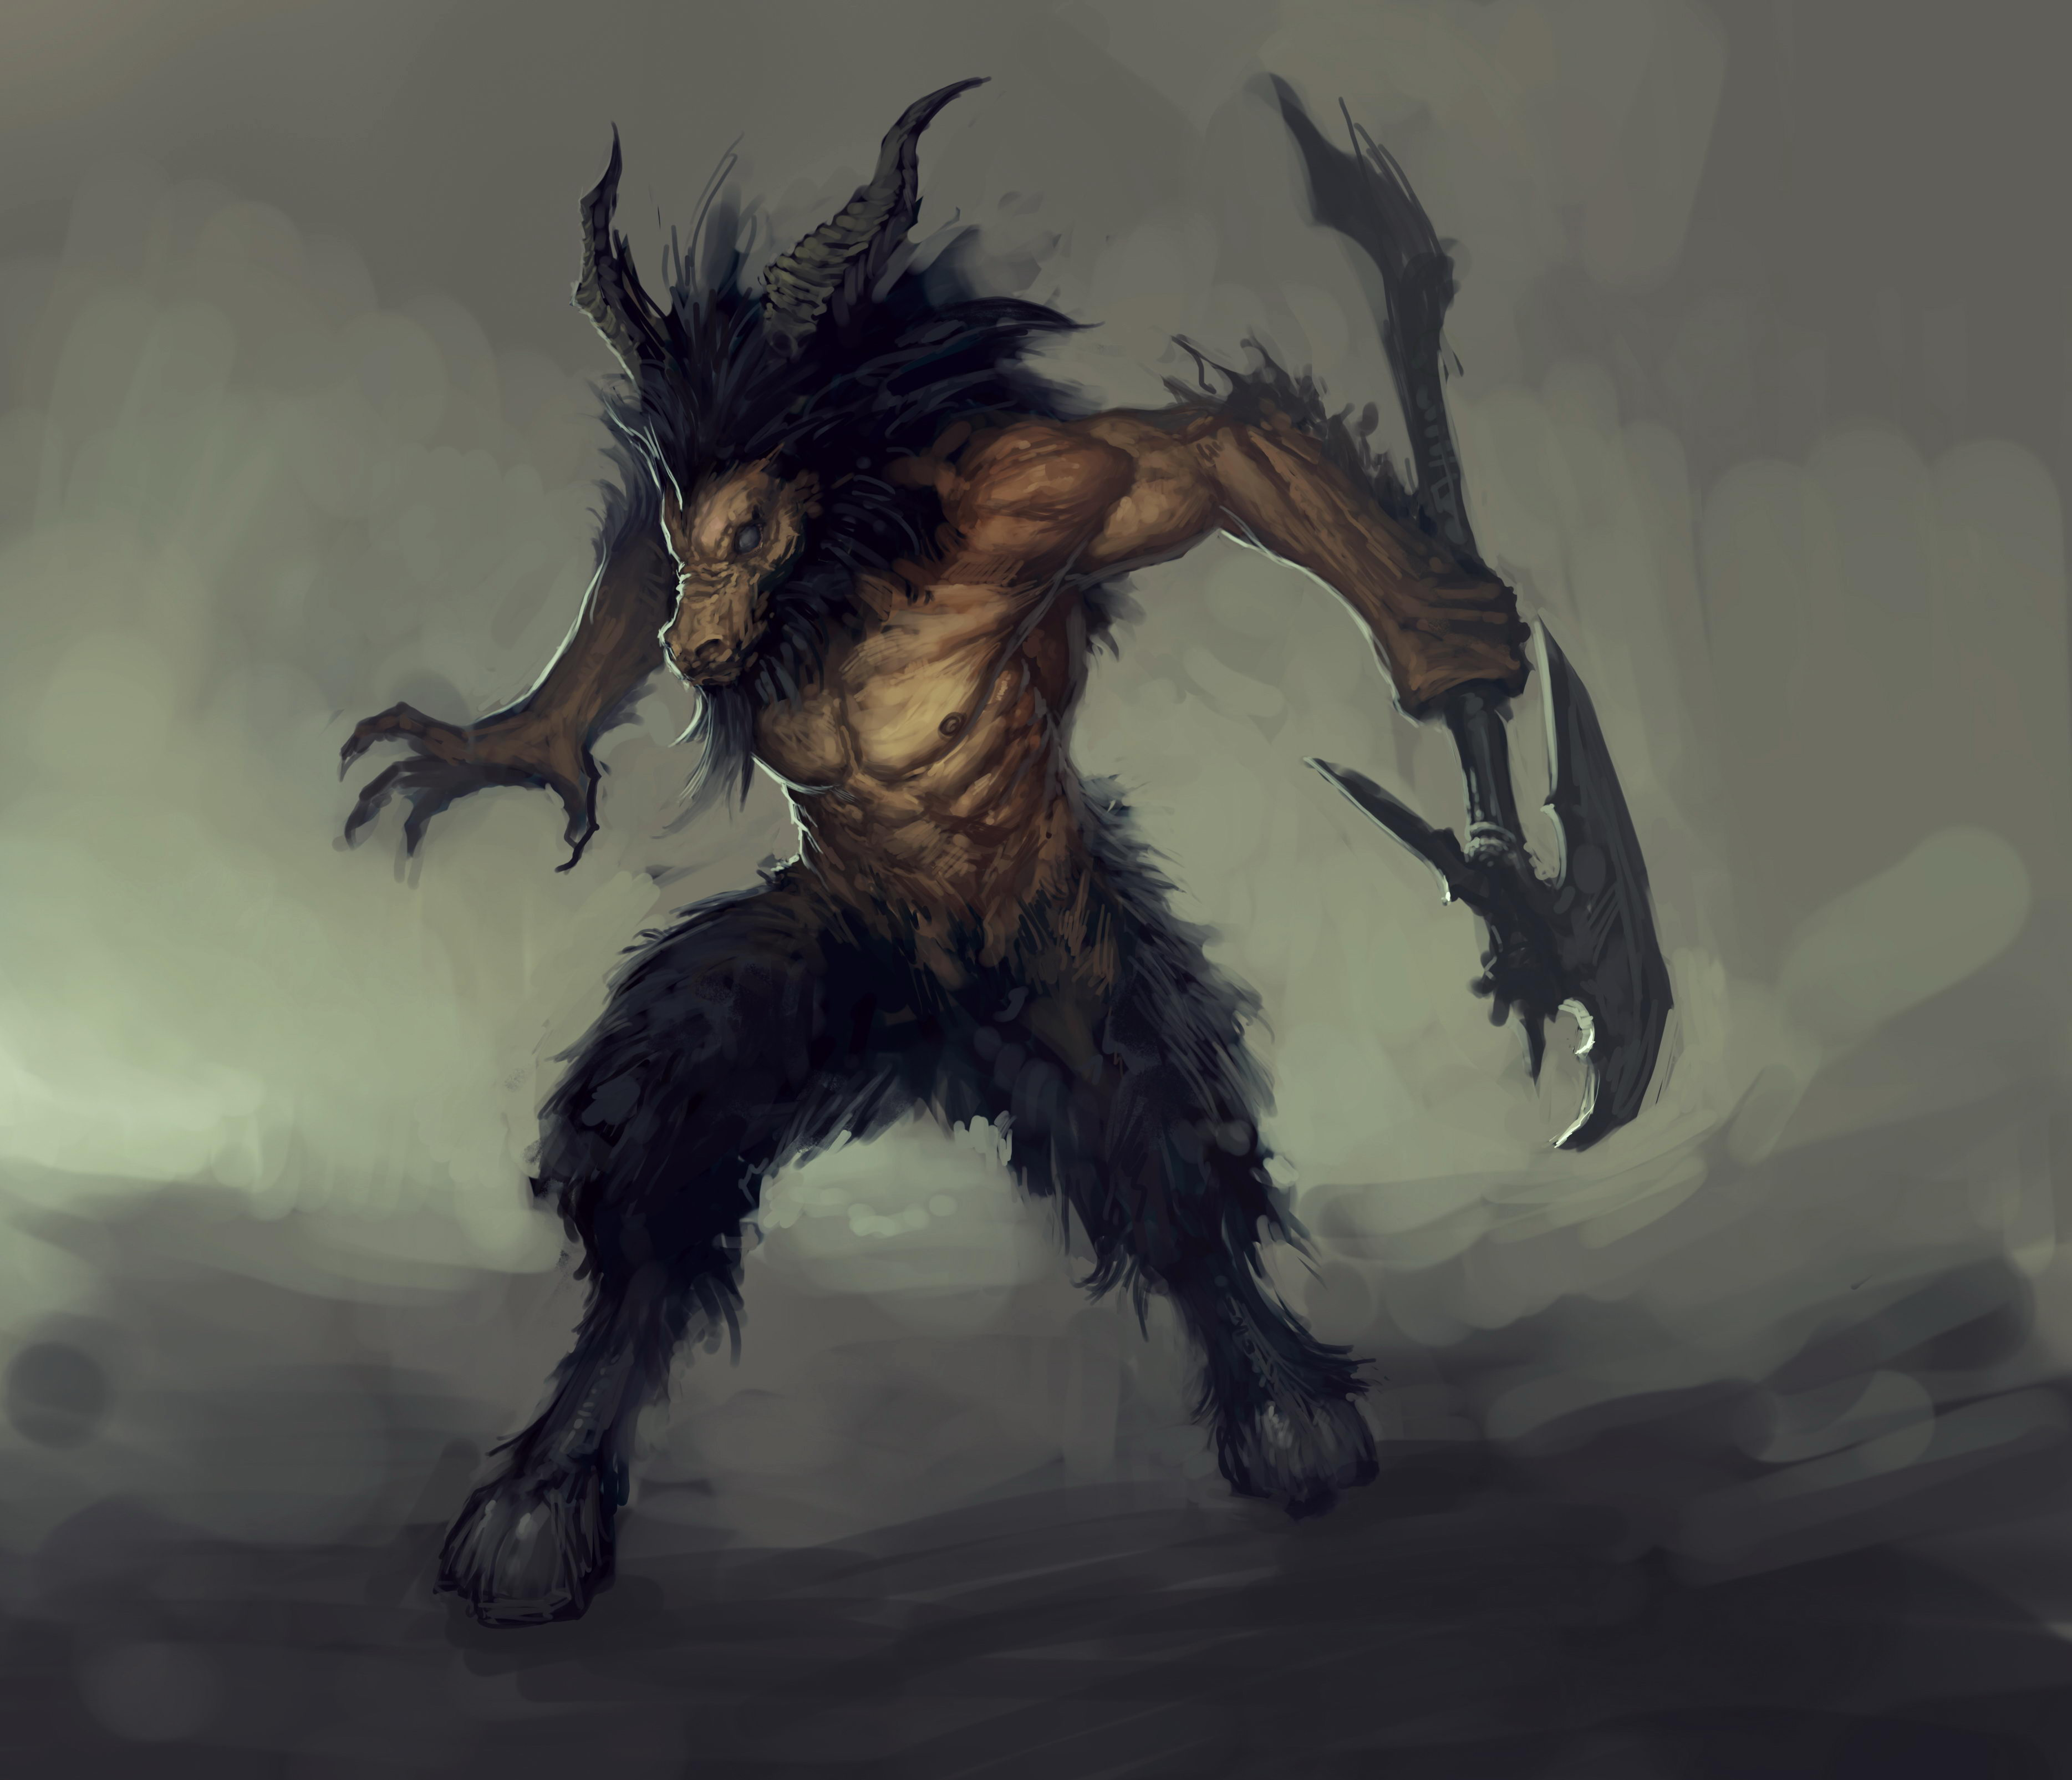 《暗黑破坏神3》游戏人物精美设定图